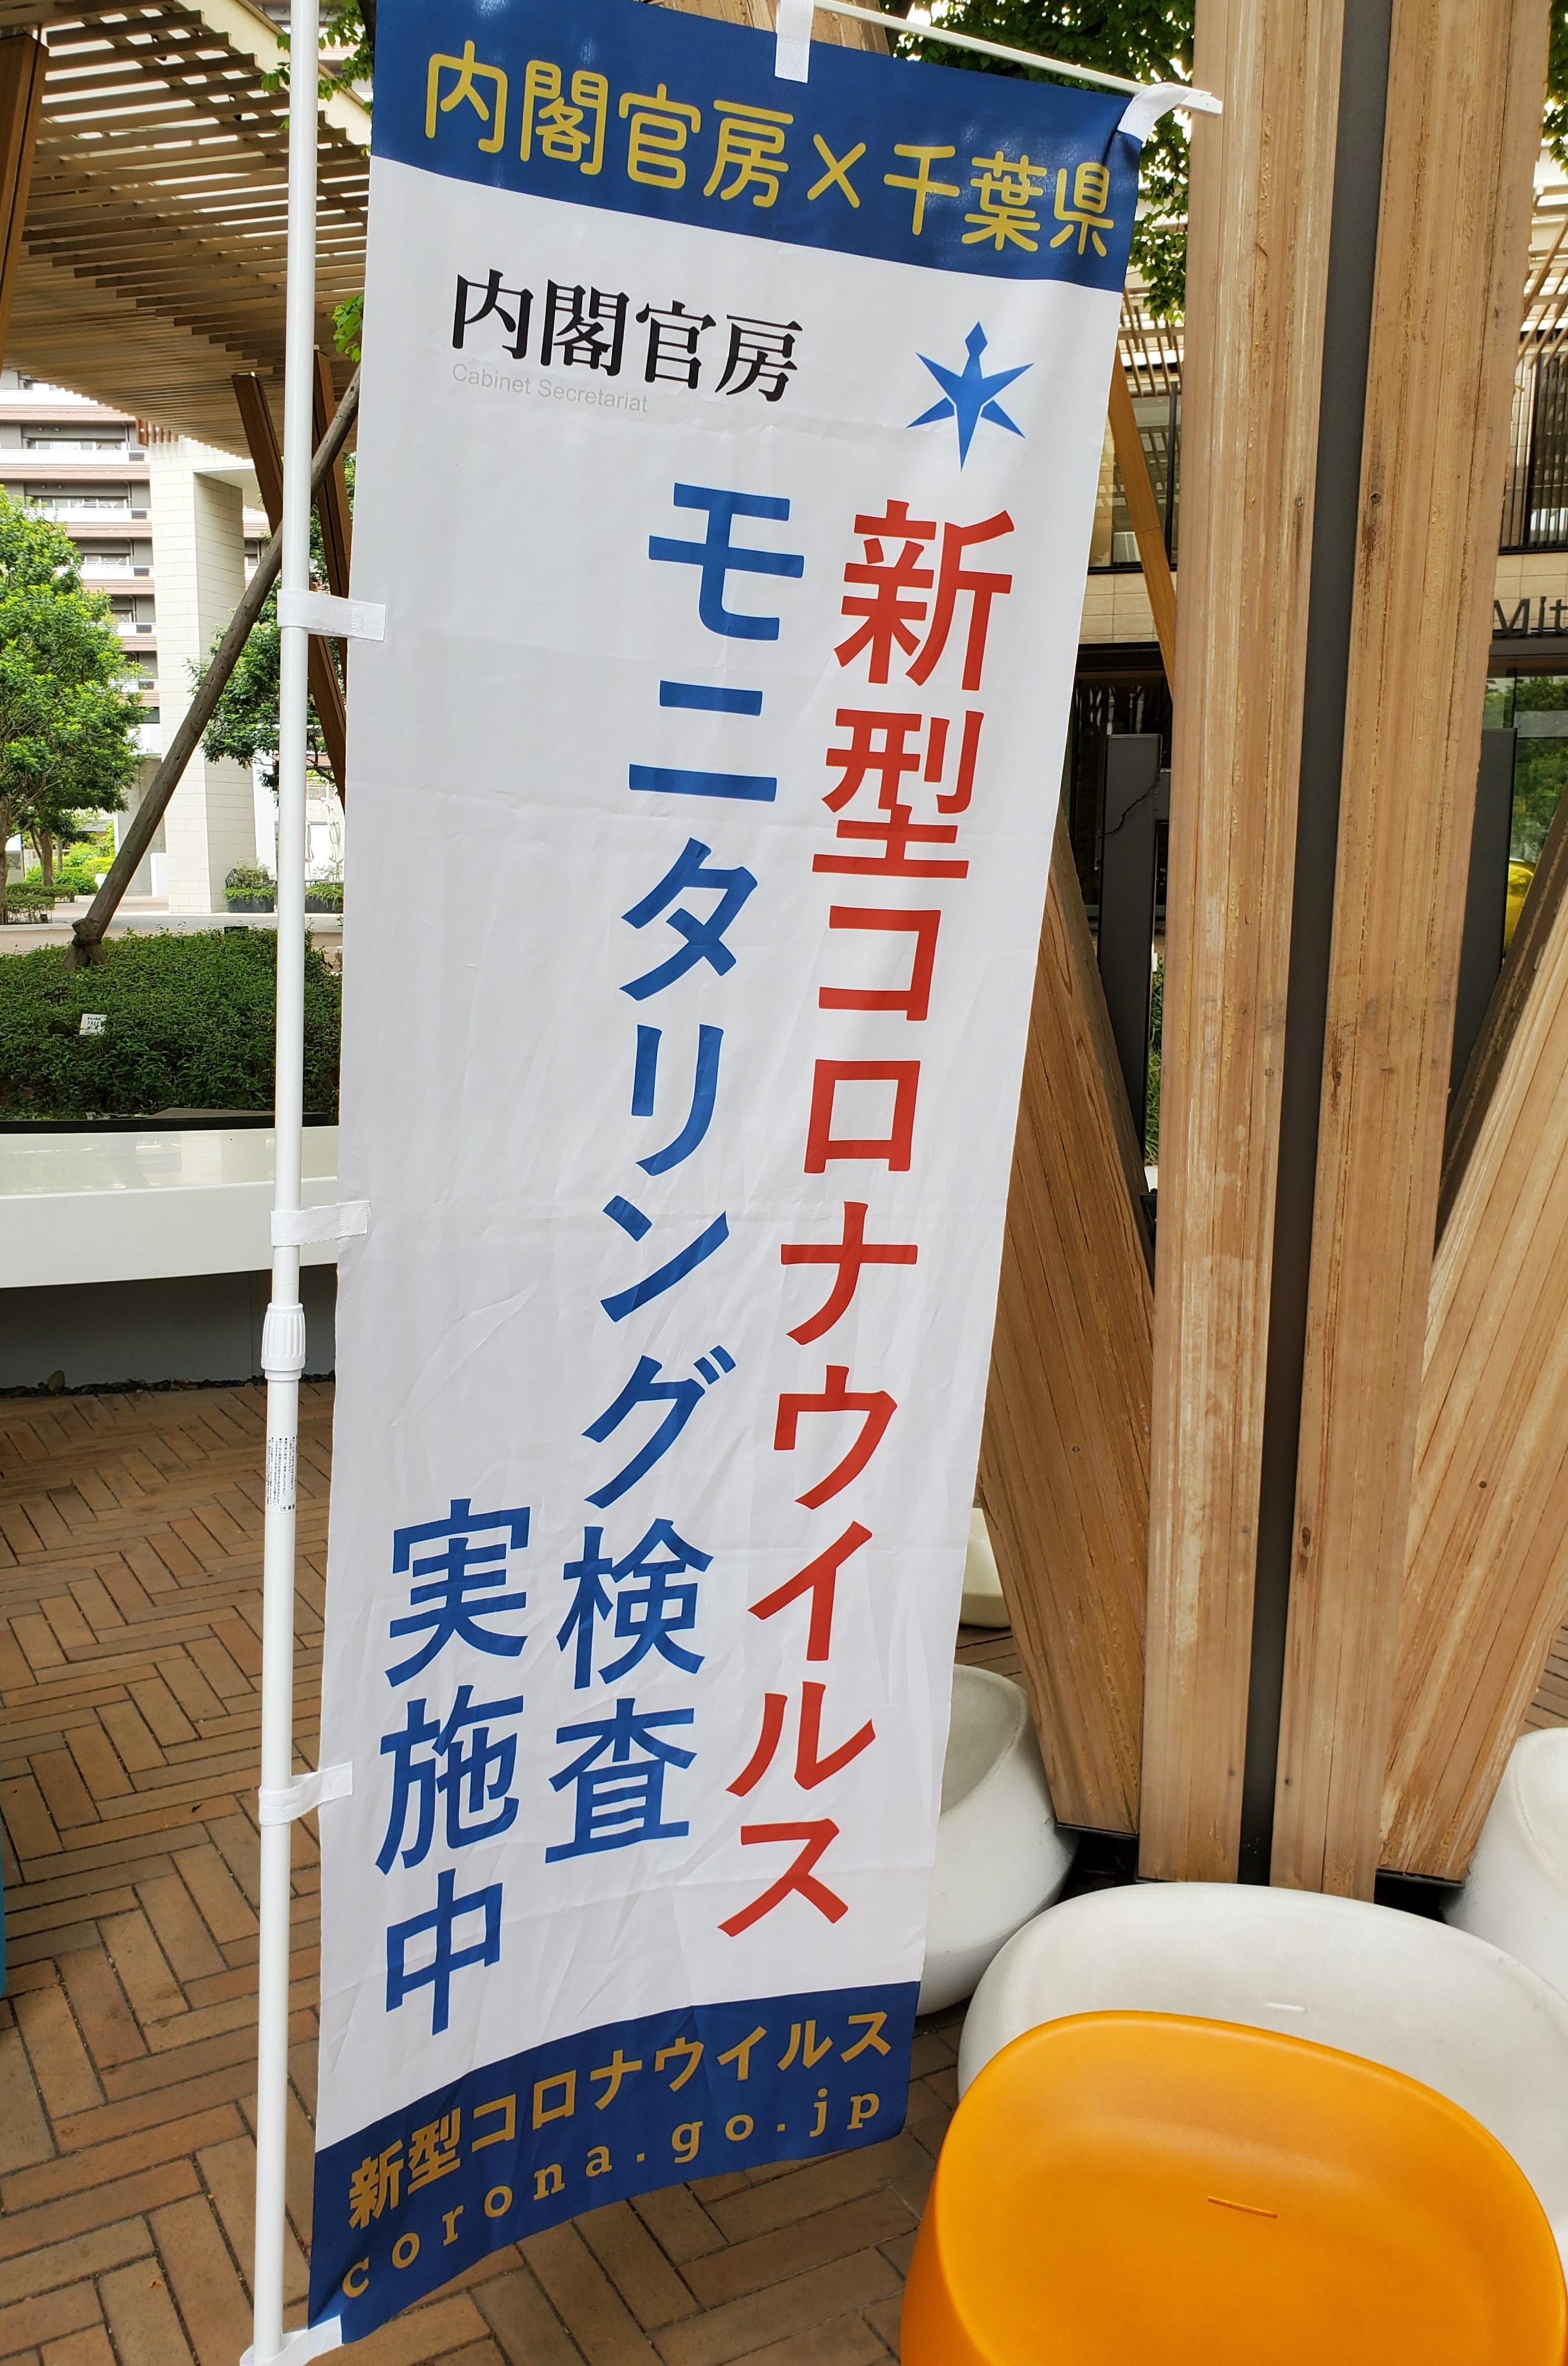 柏の葉キャンパス駅北口三井ガーデンホテル柏の葉前の広場で行われていますよ